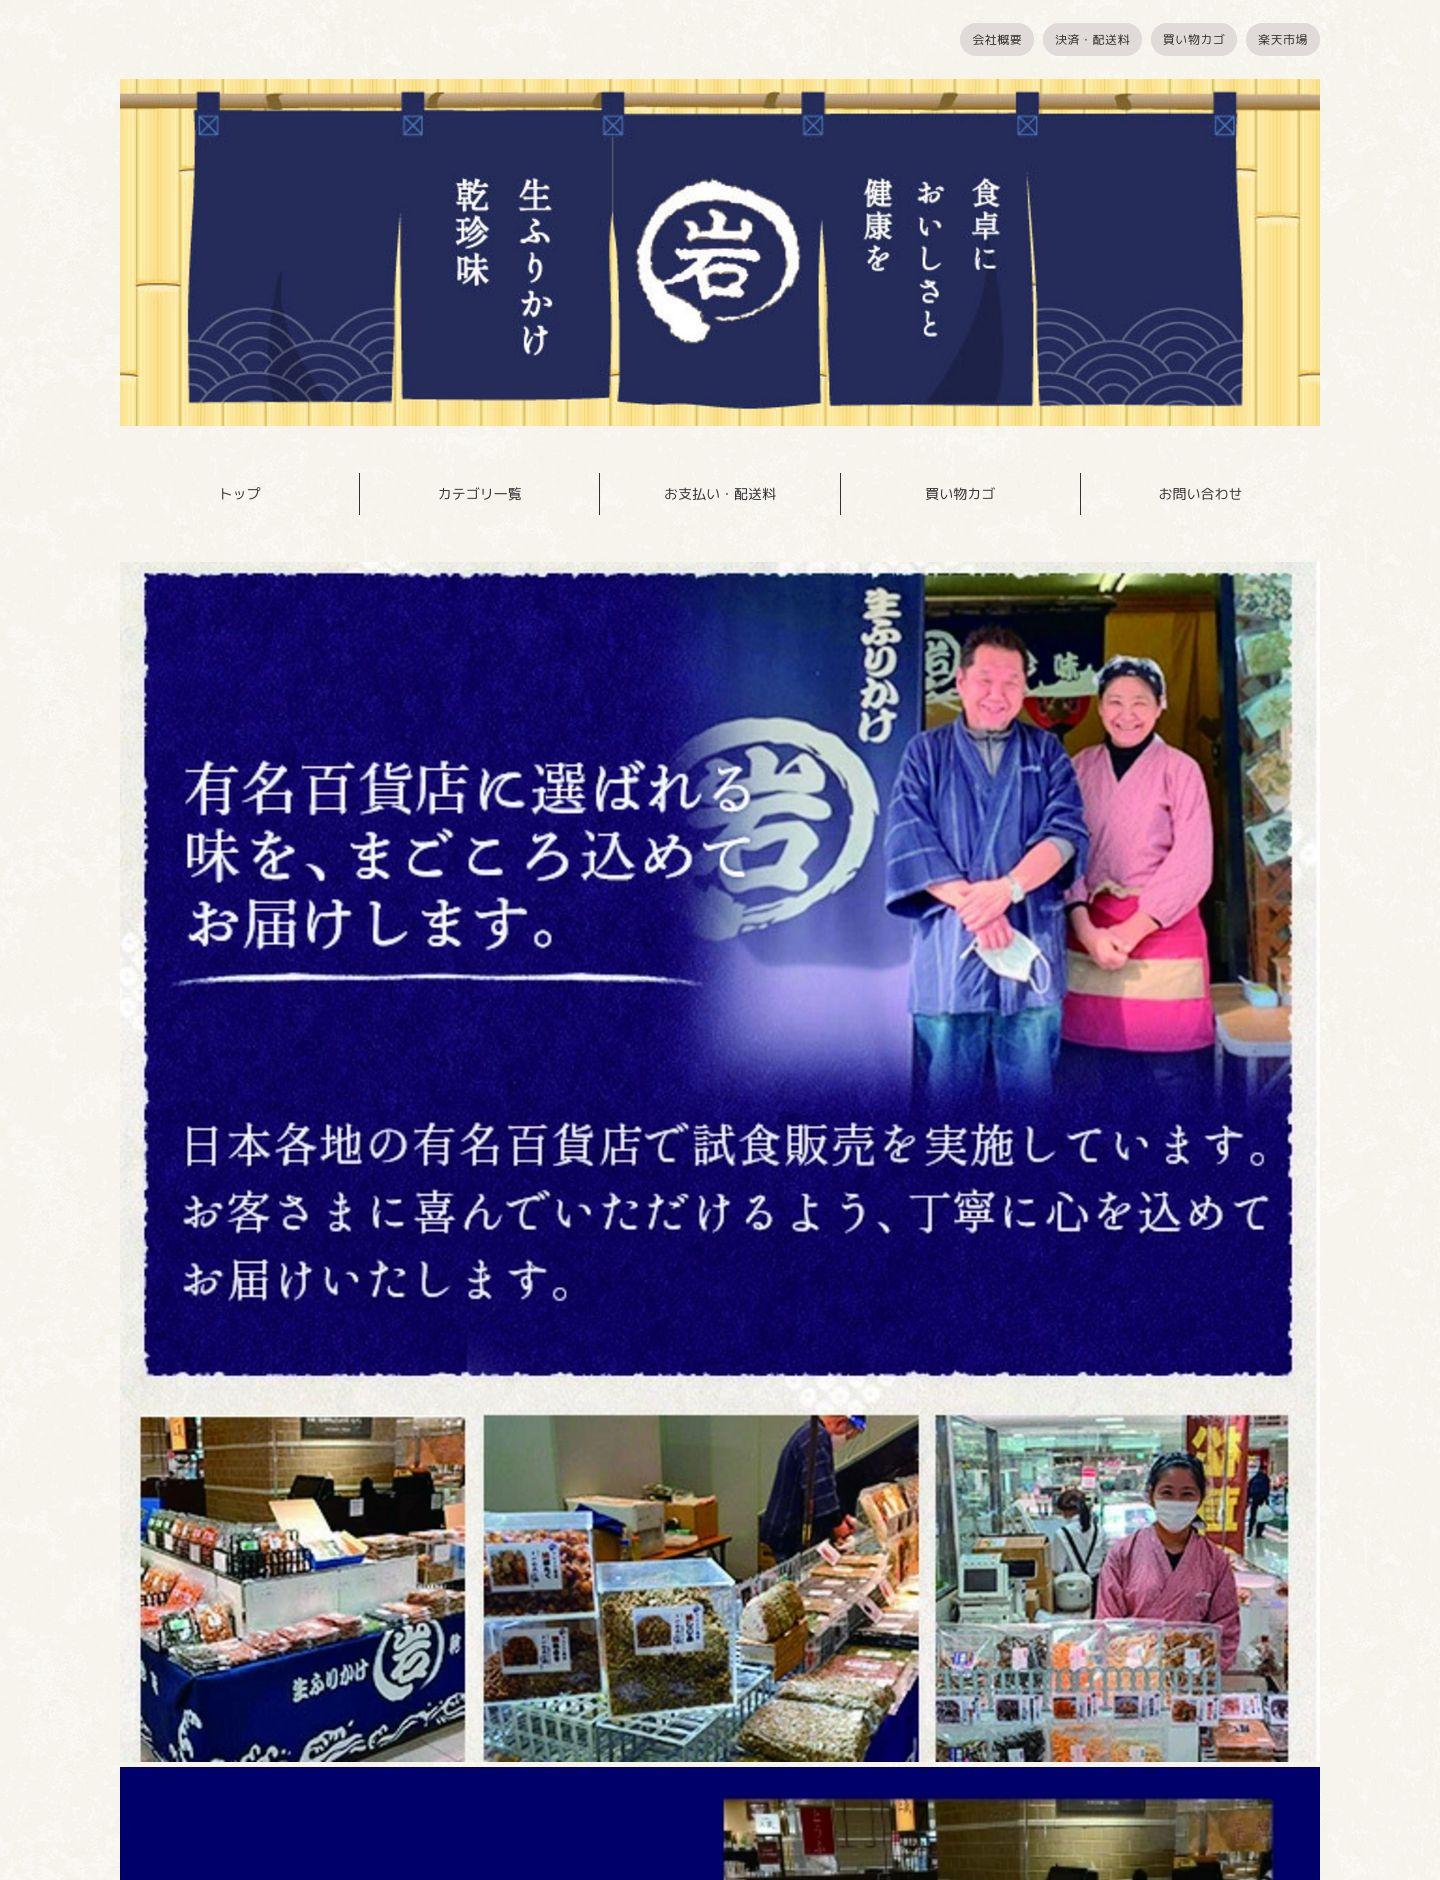 マルイワ食品 楽天市場店様 サイト画像